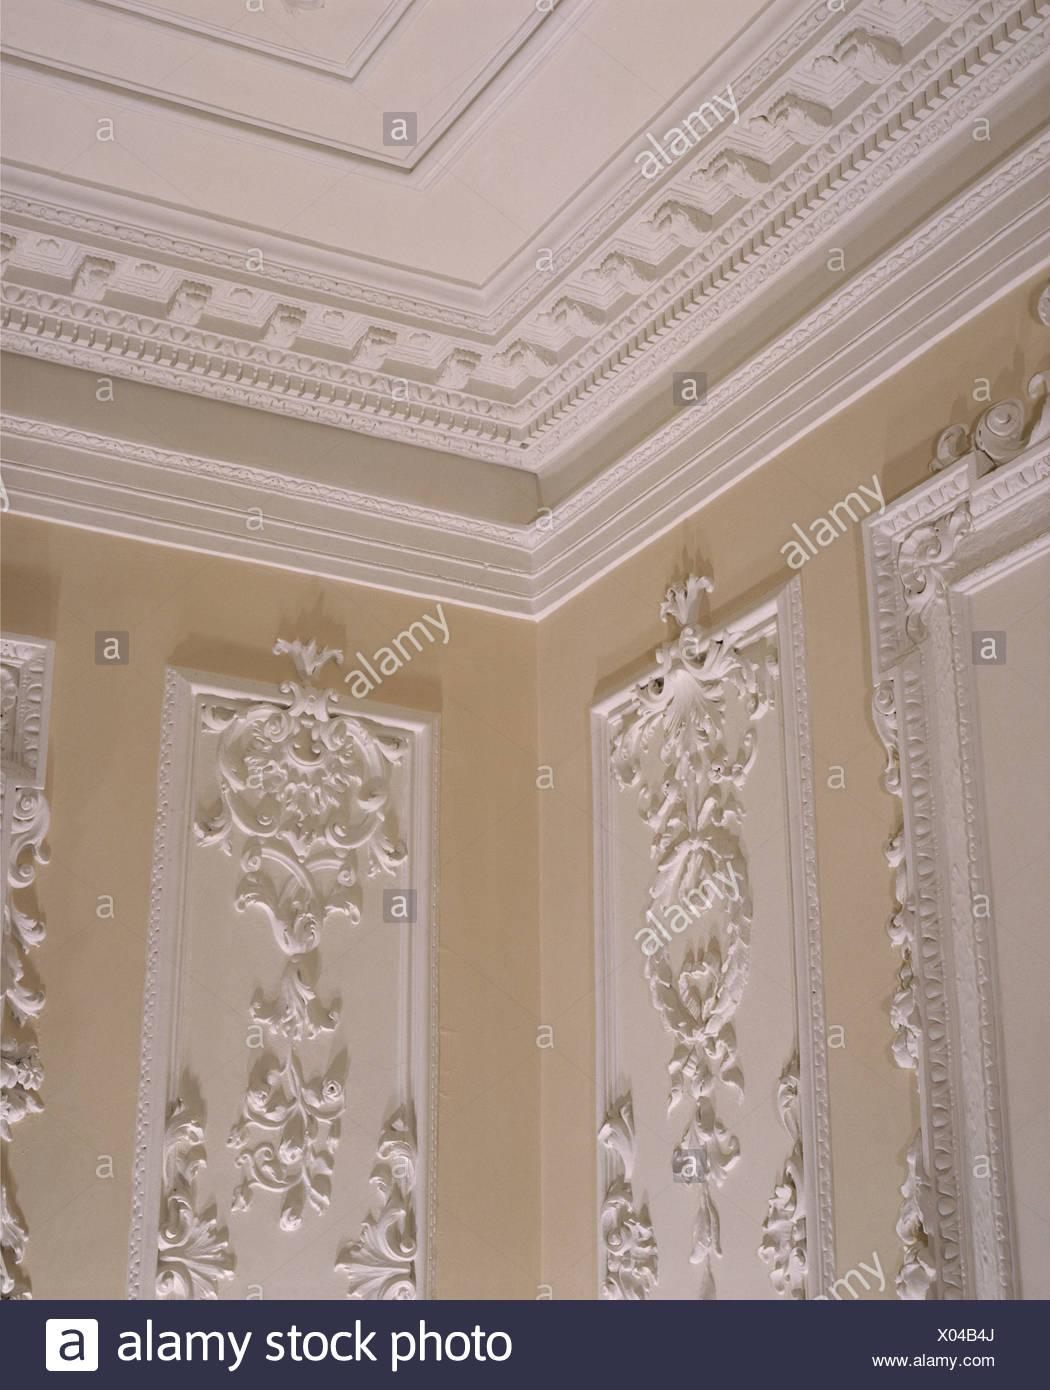 Plasterwork Ceilings Stock Photos & Plasterwork Ceilings